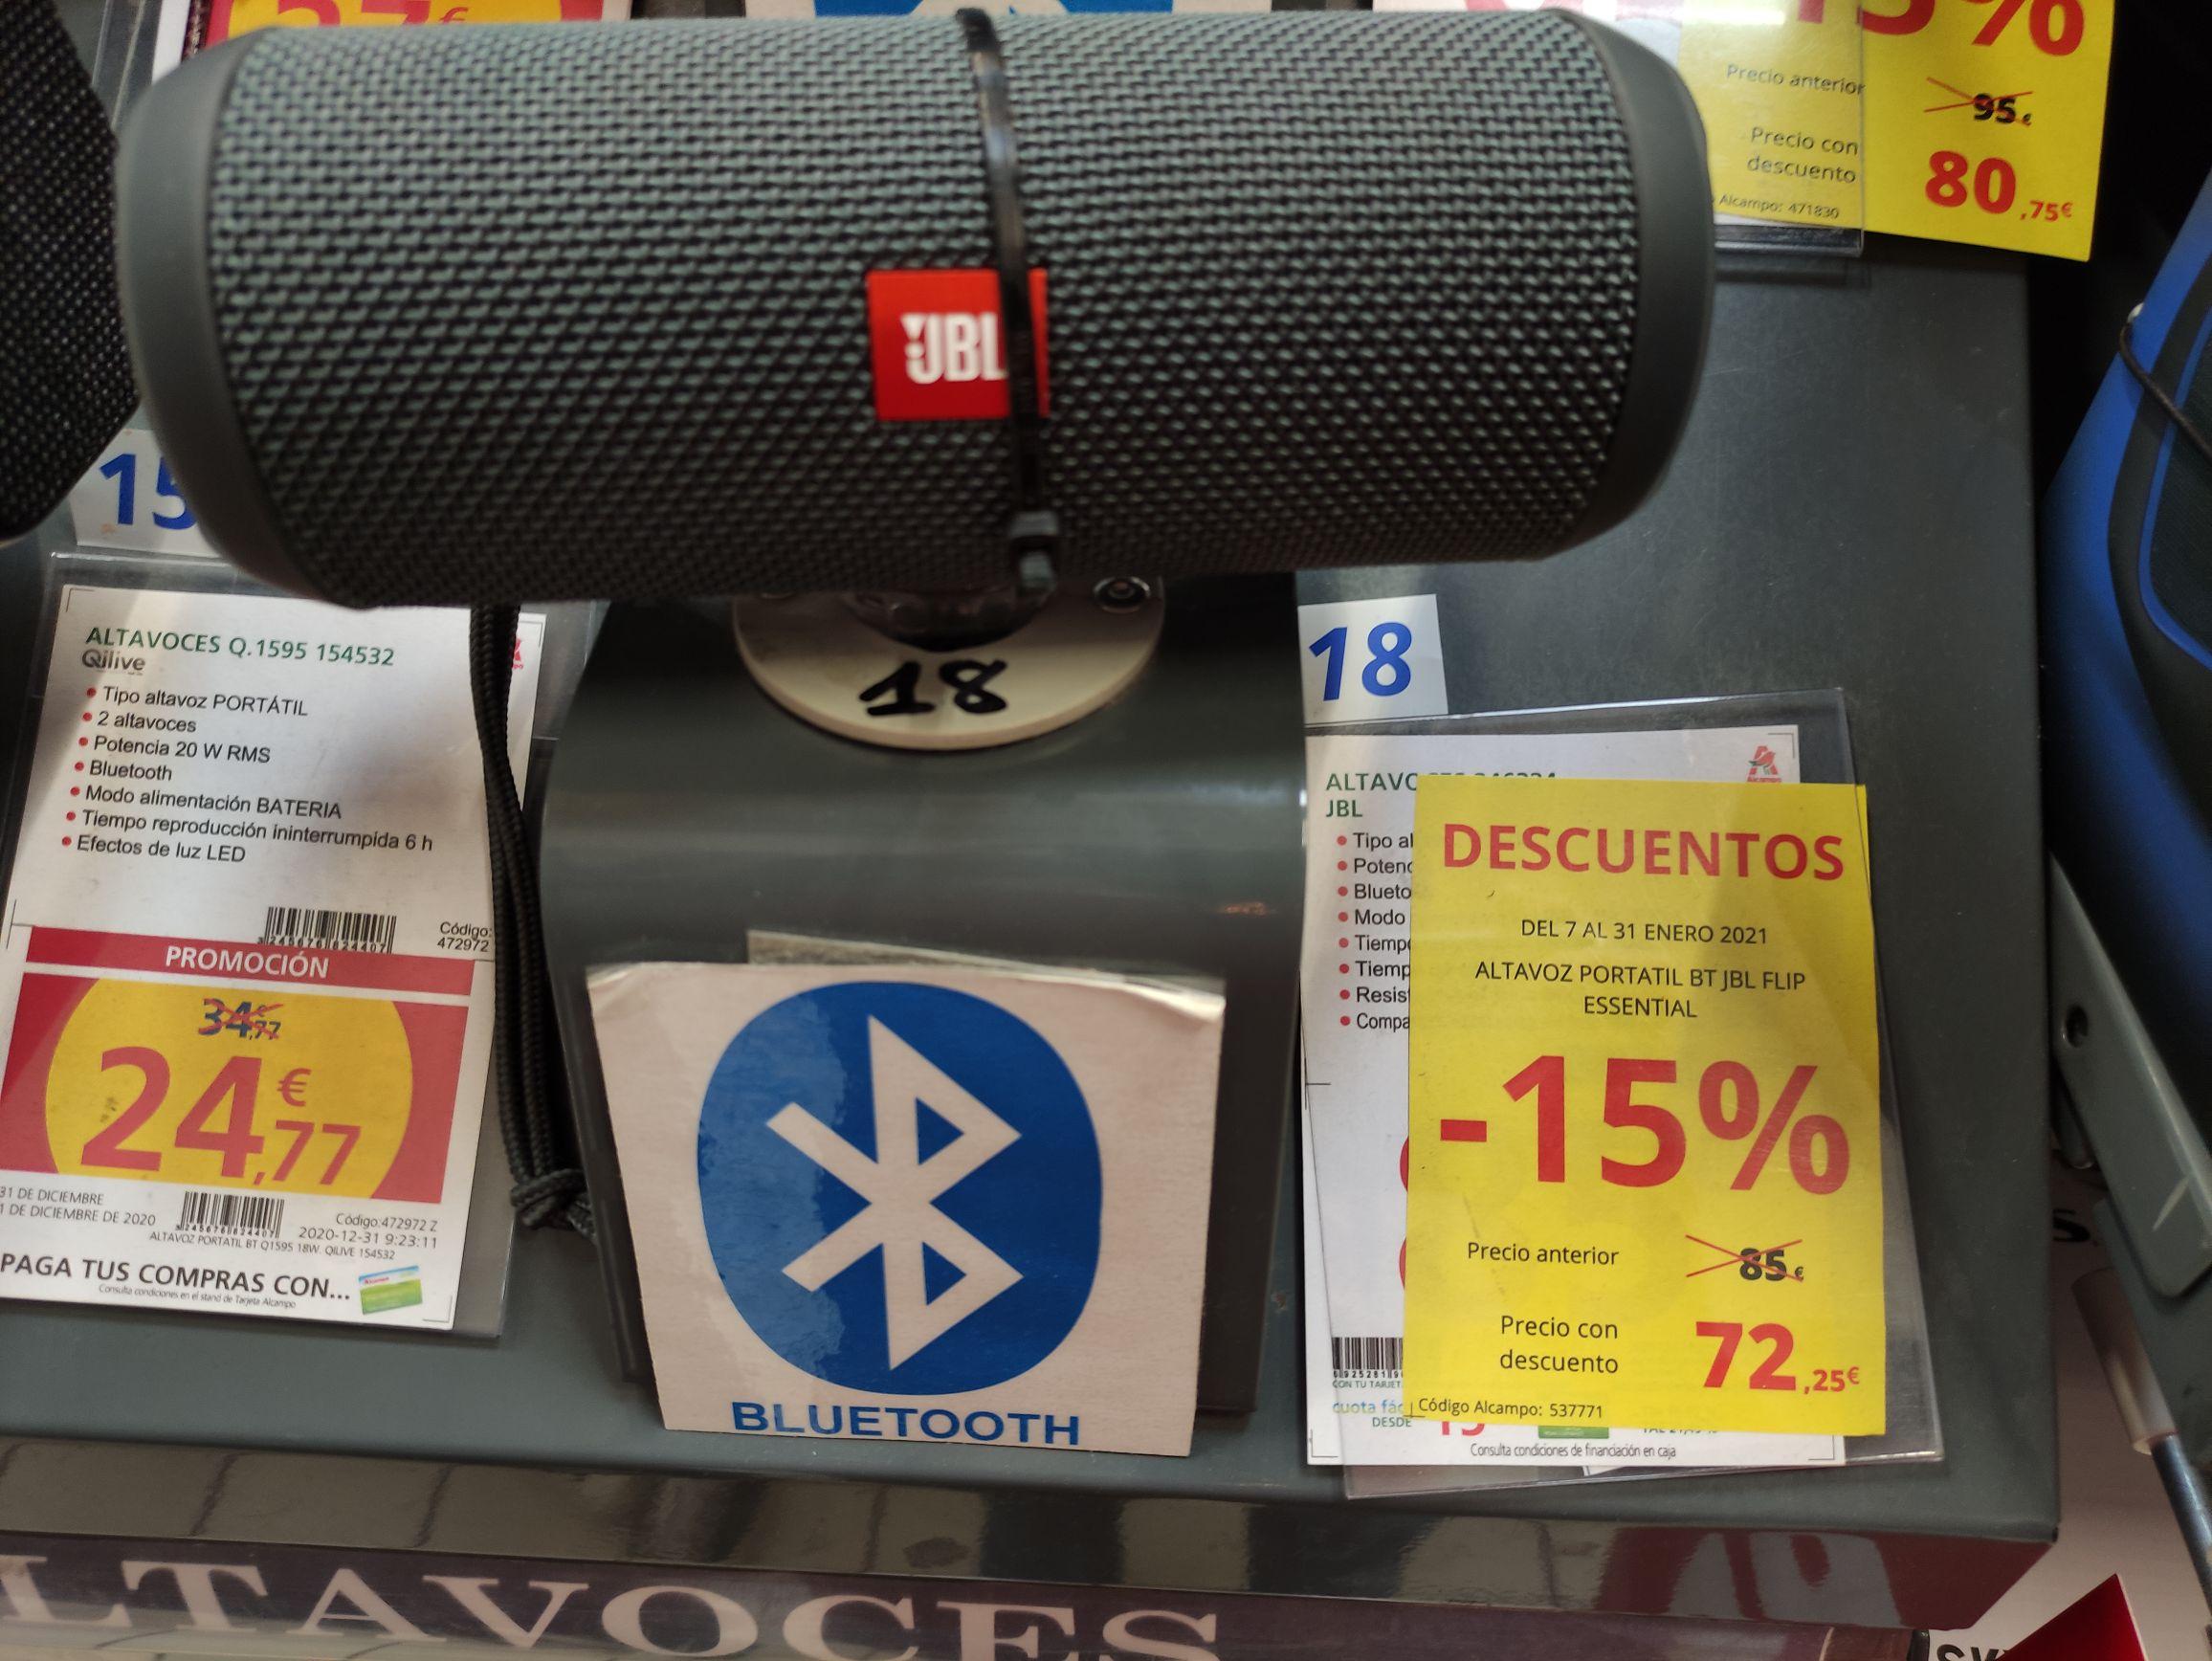 JBL Flip Essential con un 15% de descuento (Alcampo Almería)